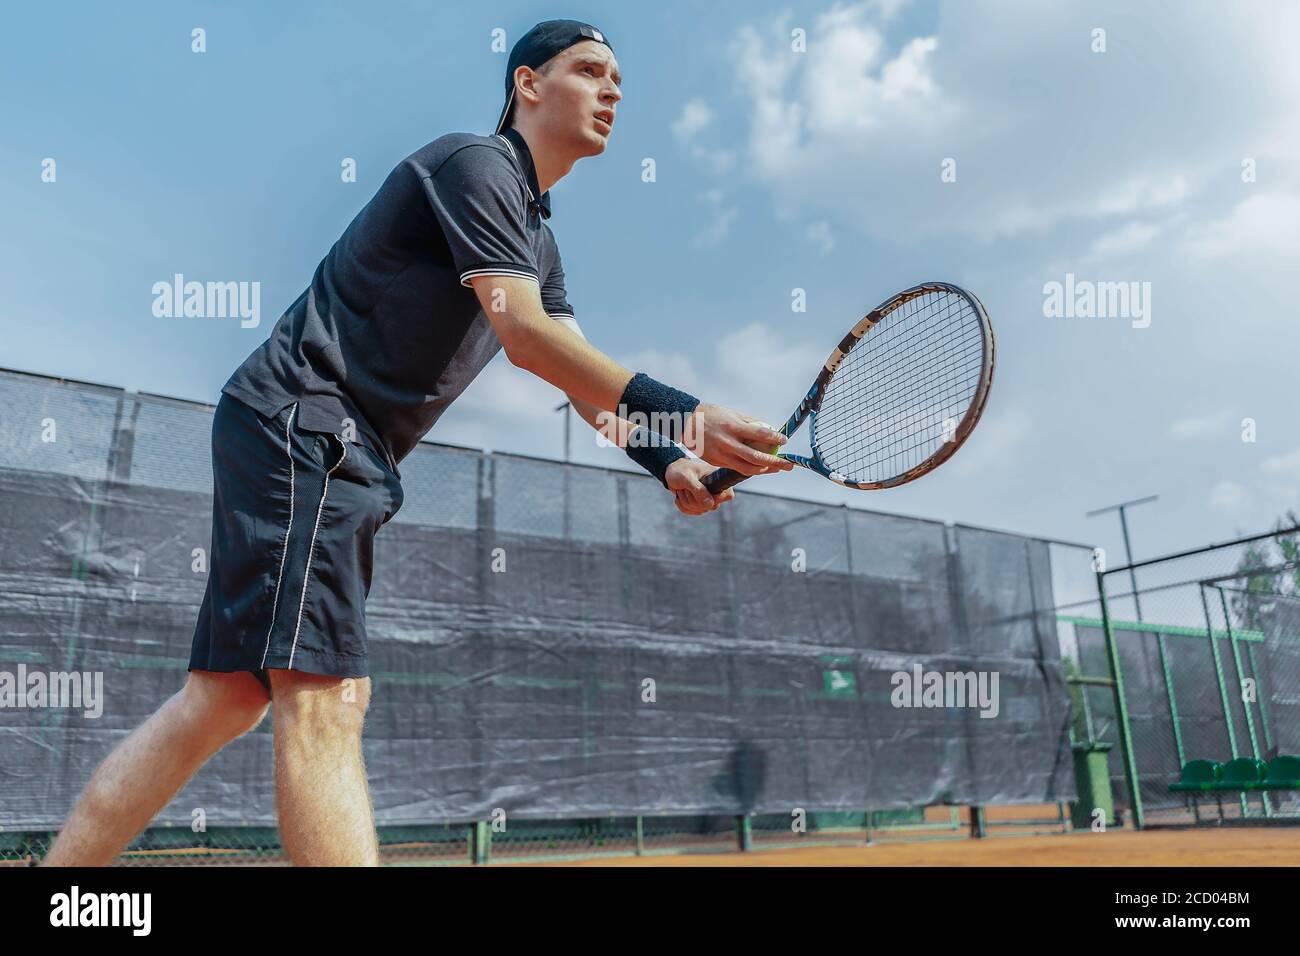 Le joueur de tennis Plan of Man à distance se prépare à servir une balle de tennis au match. Joueur tenant un ensemble dans les deux mains pour servir UNE balle avec une frappe droite Banque D'Images